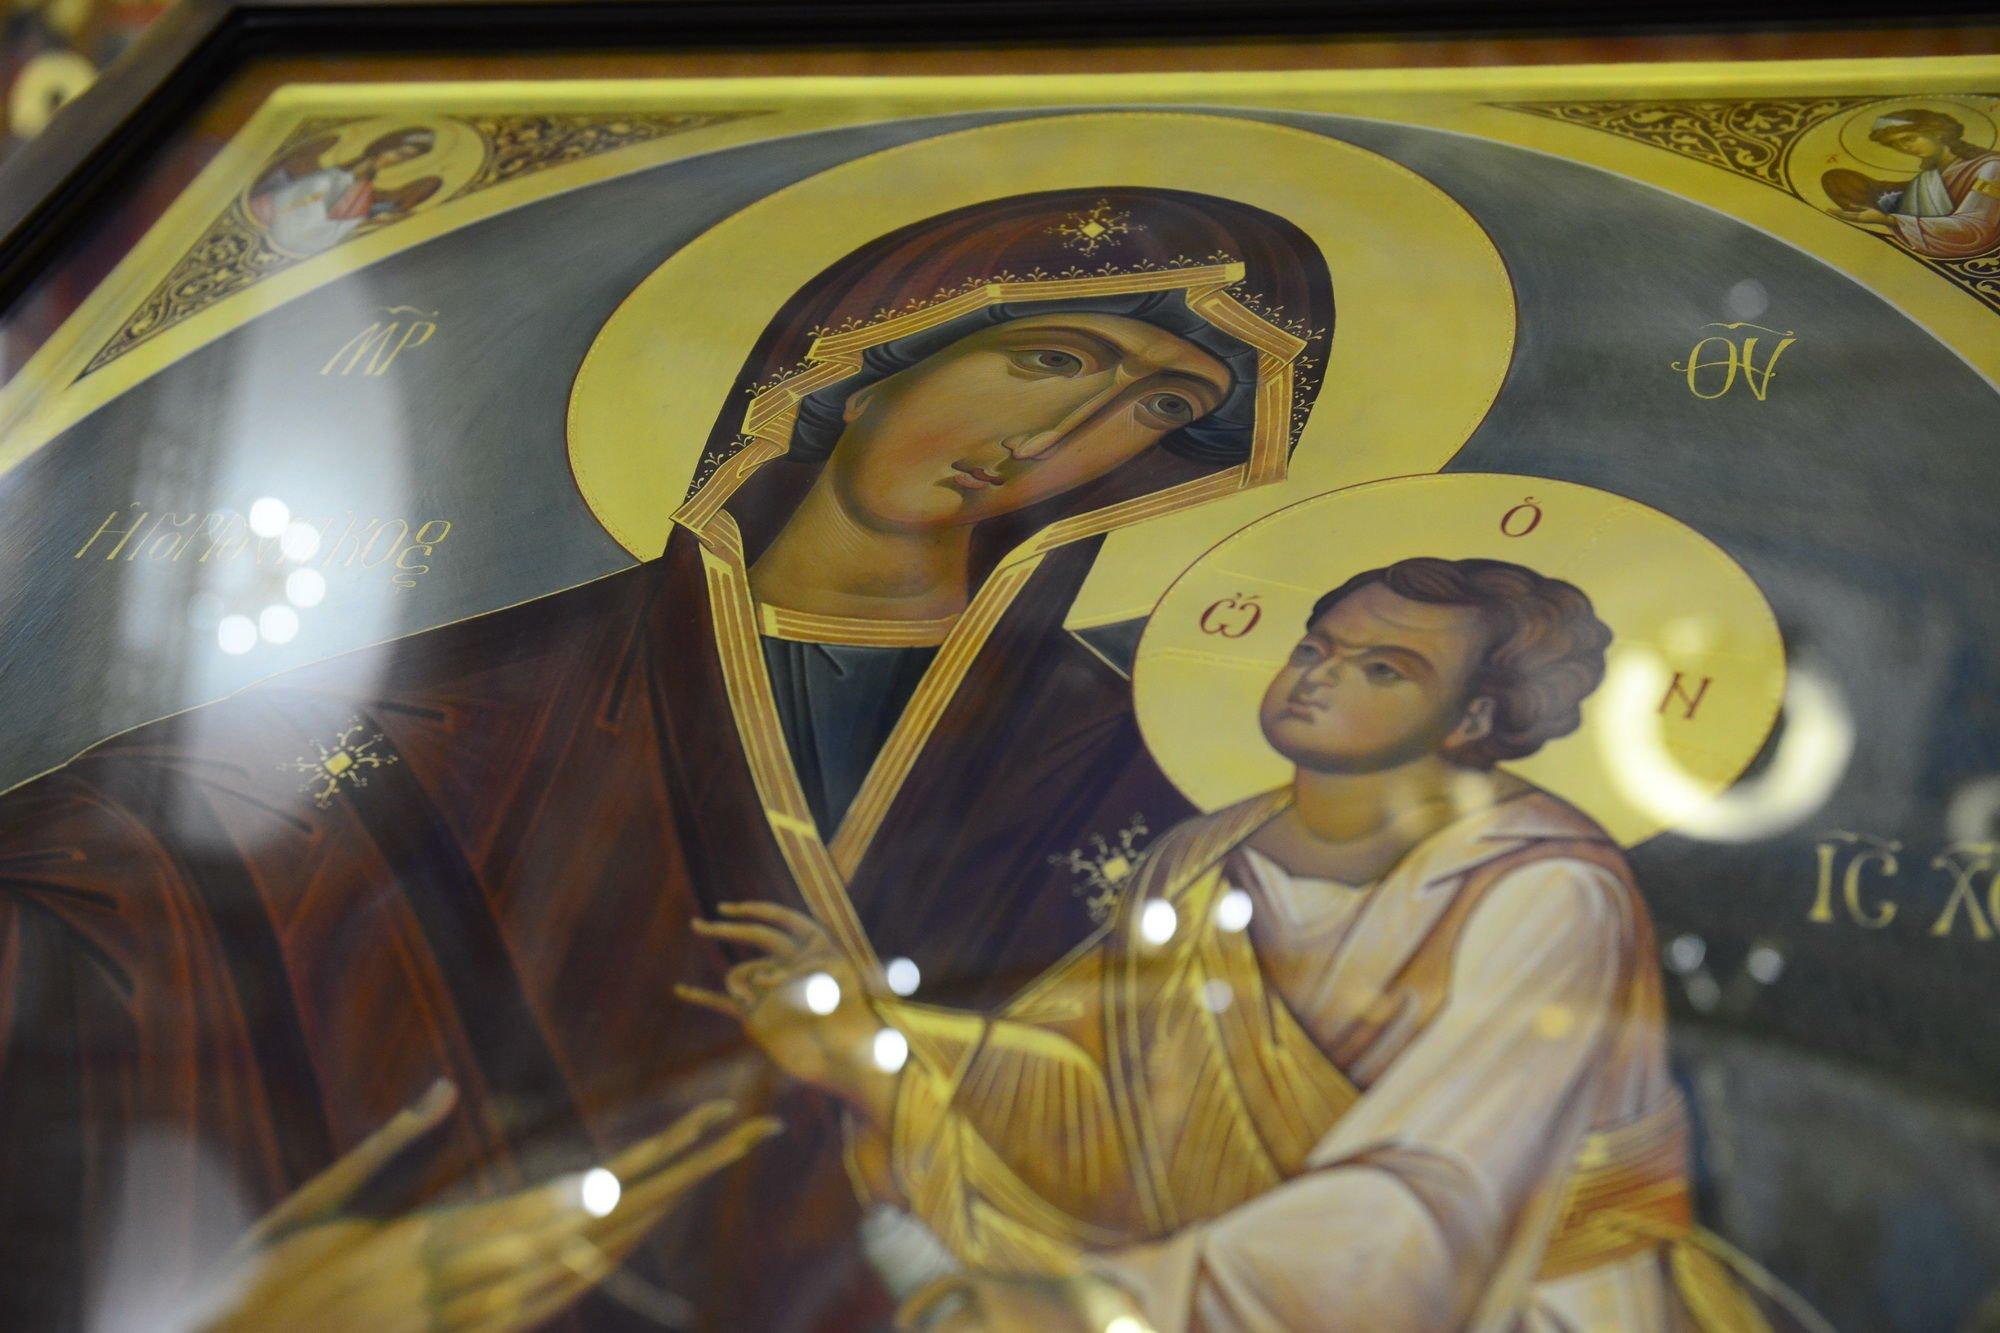 Gebed tot de stoute tijdens gebeden en bevalling